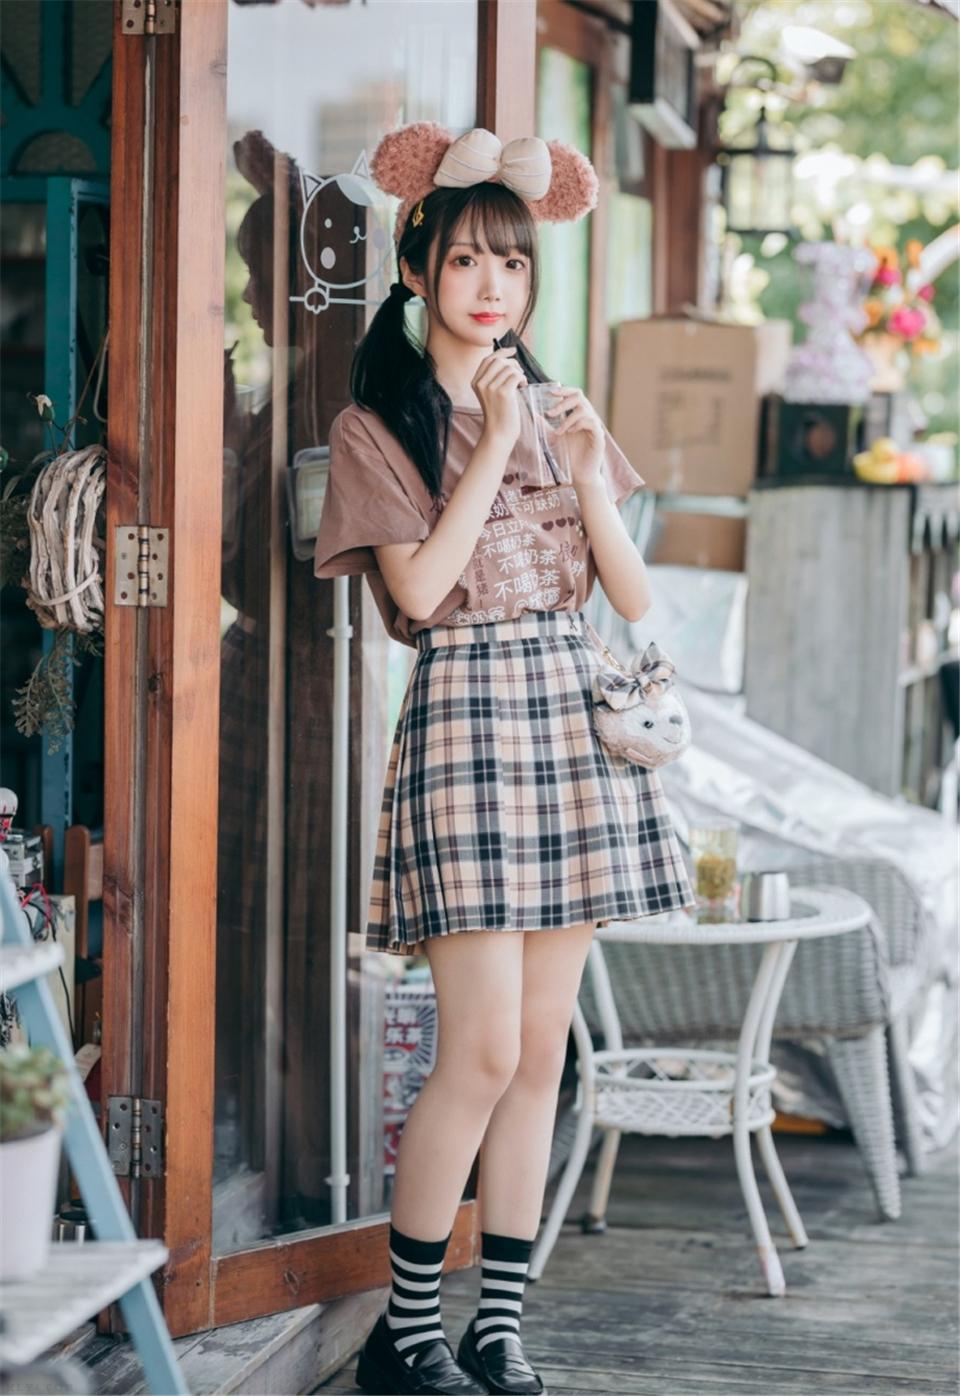 街拍短裙美女萝莉修长美腿写真